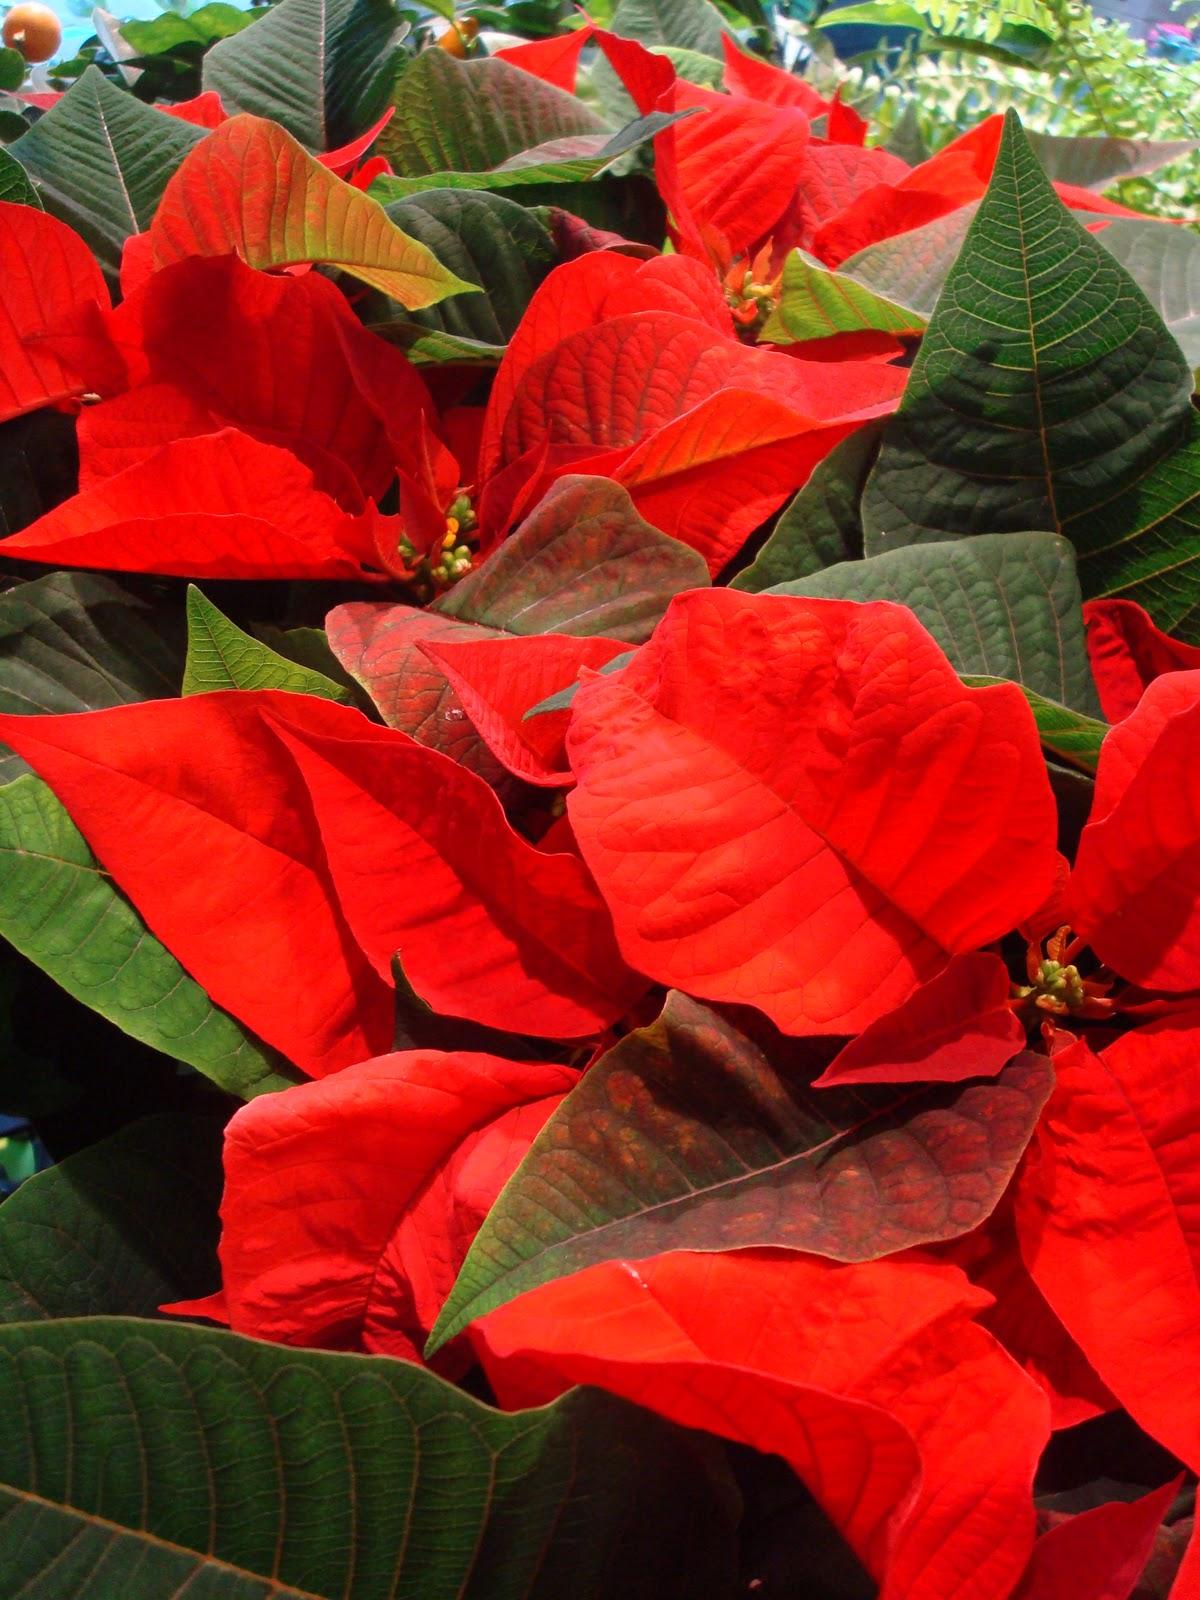 Fleuriste isabelle feuvrier le poinsettia ou toile de no l for Plante noel rouge